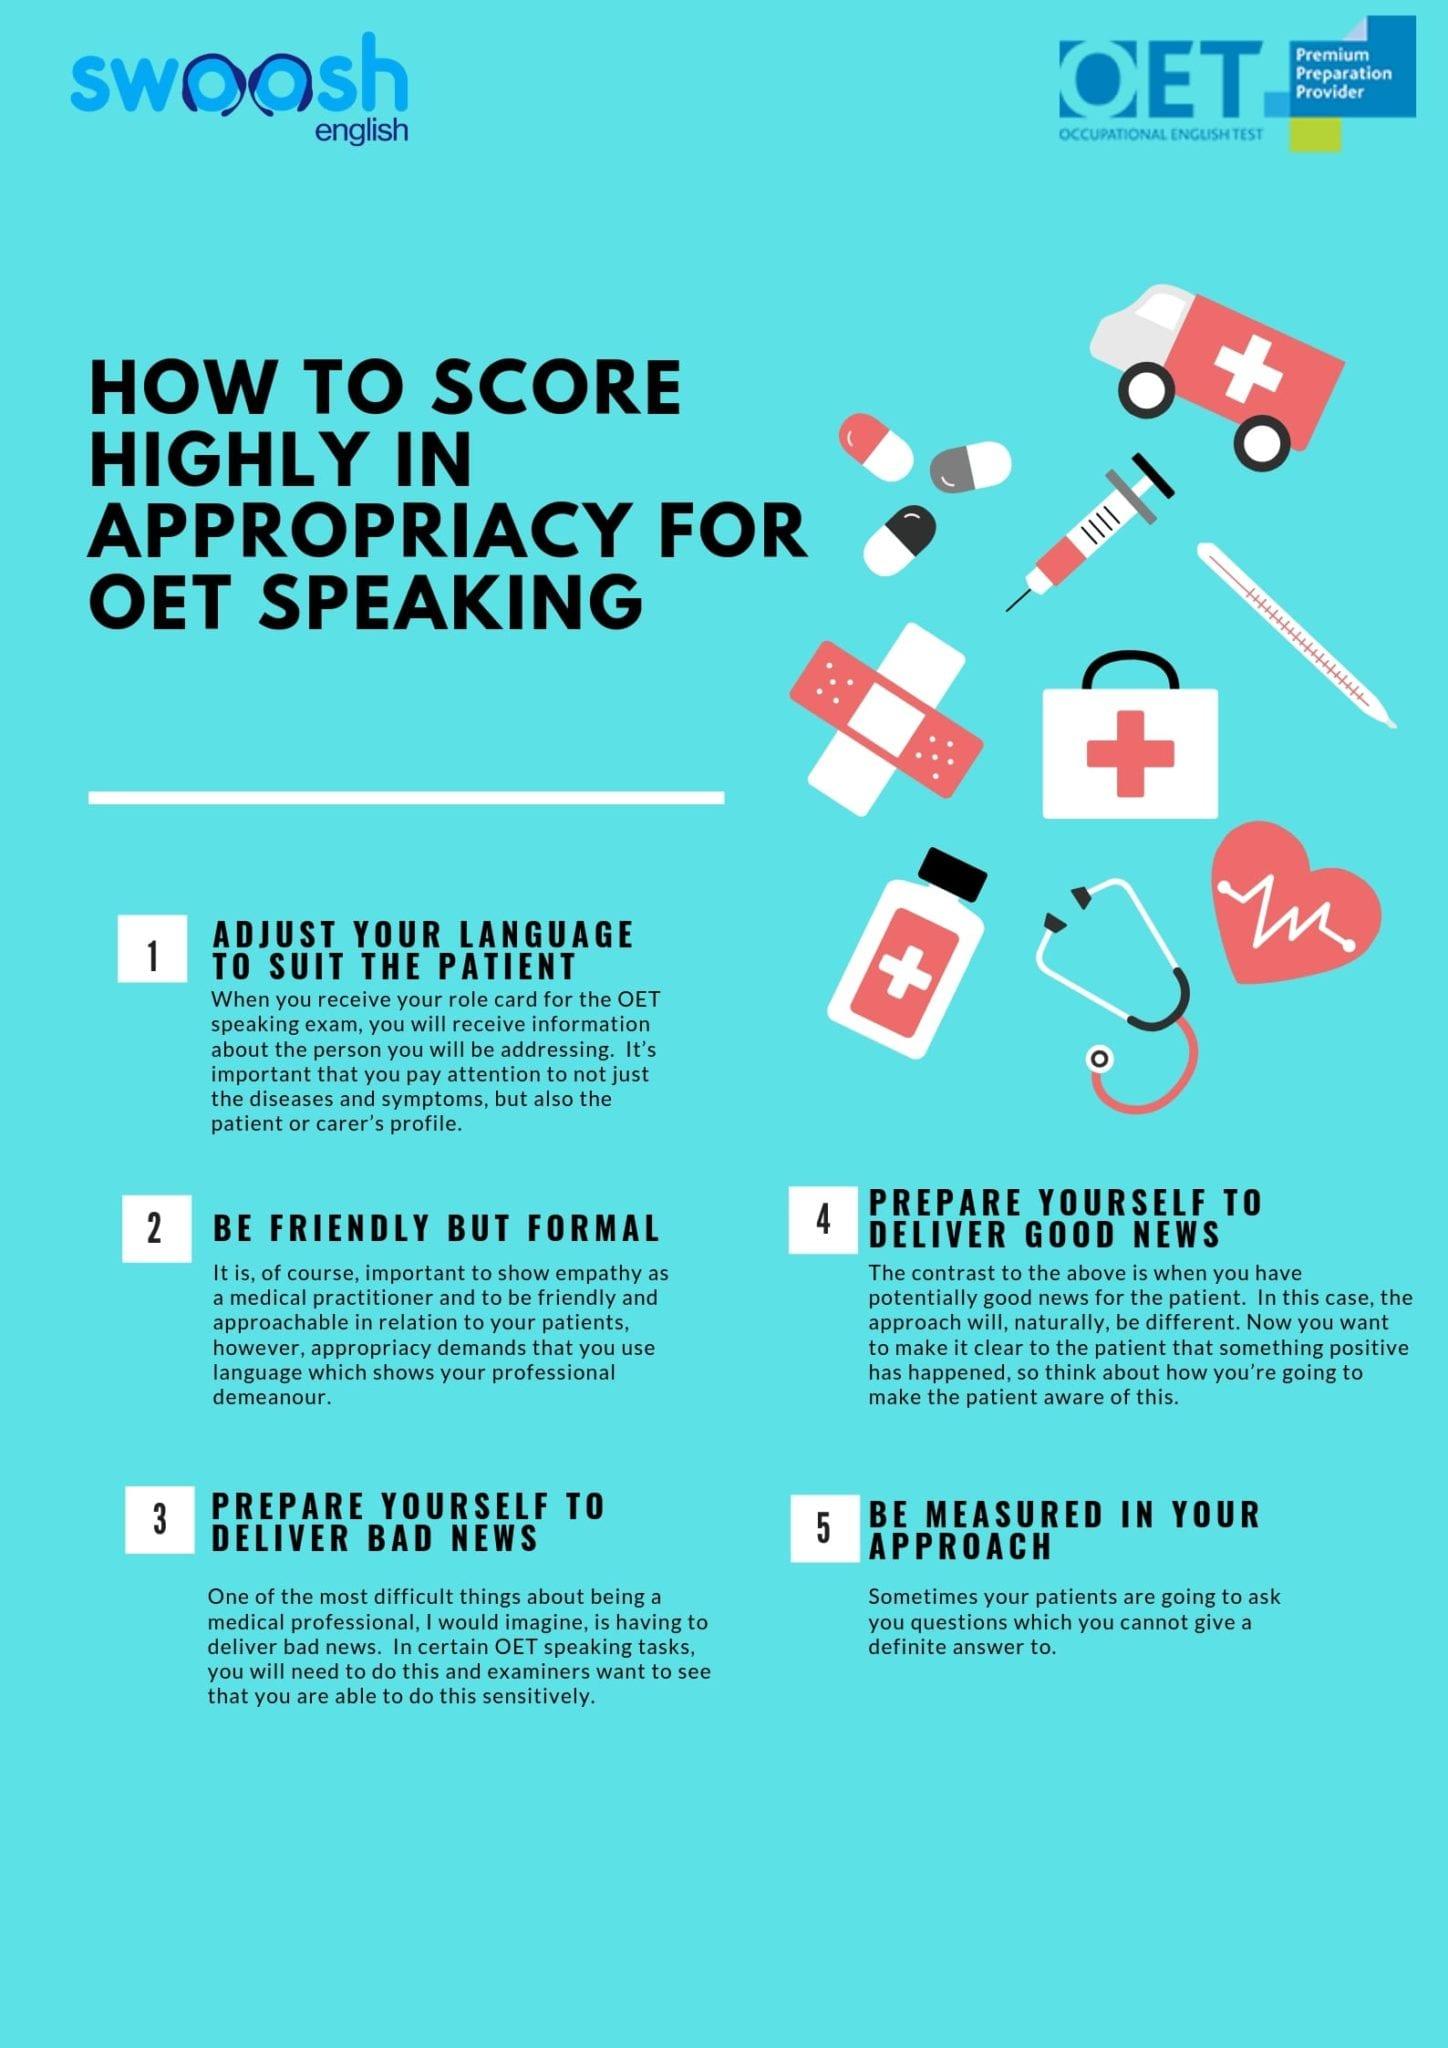 OET-Exam-Tips-For-Higher-Score-In-OET-Speaking